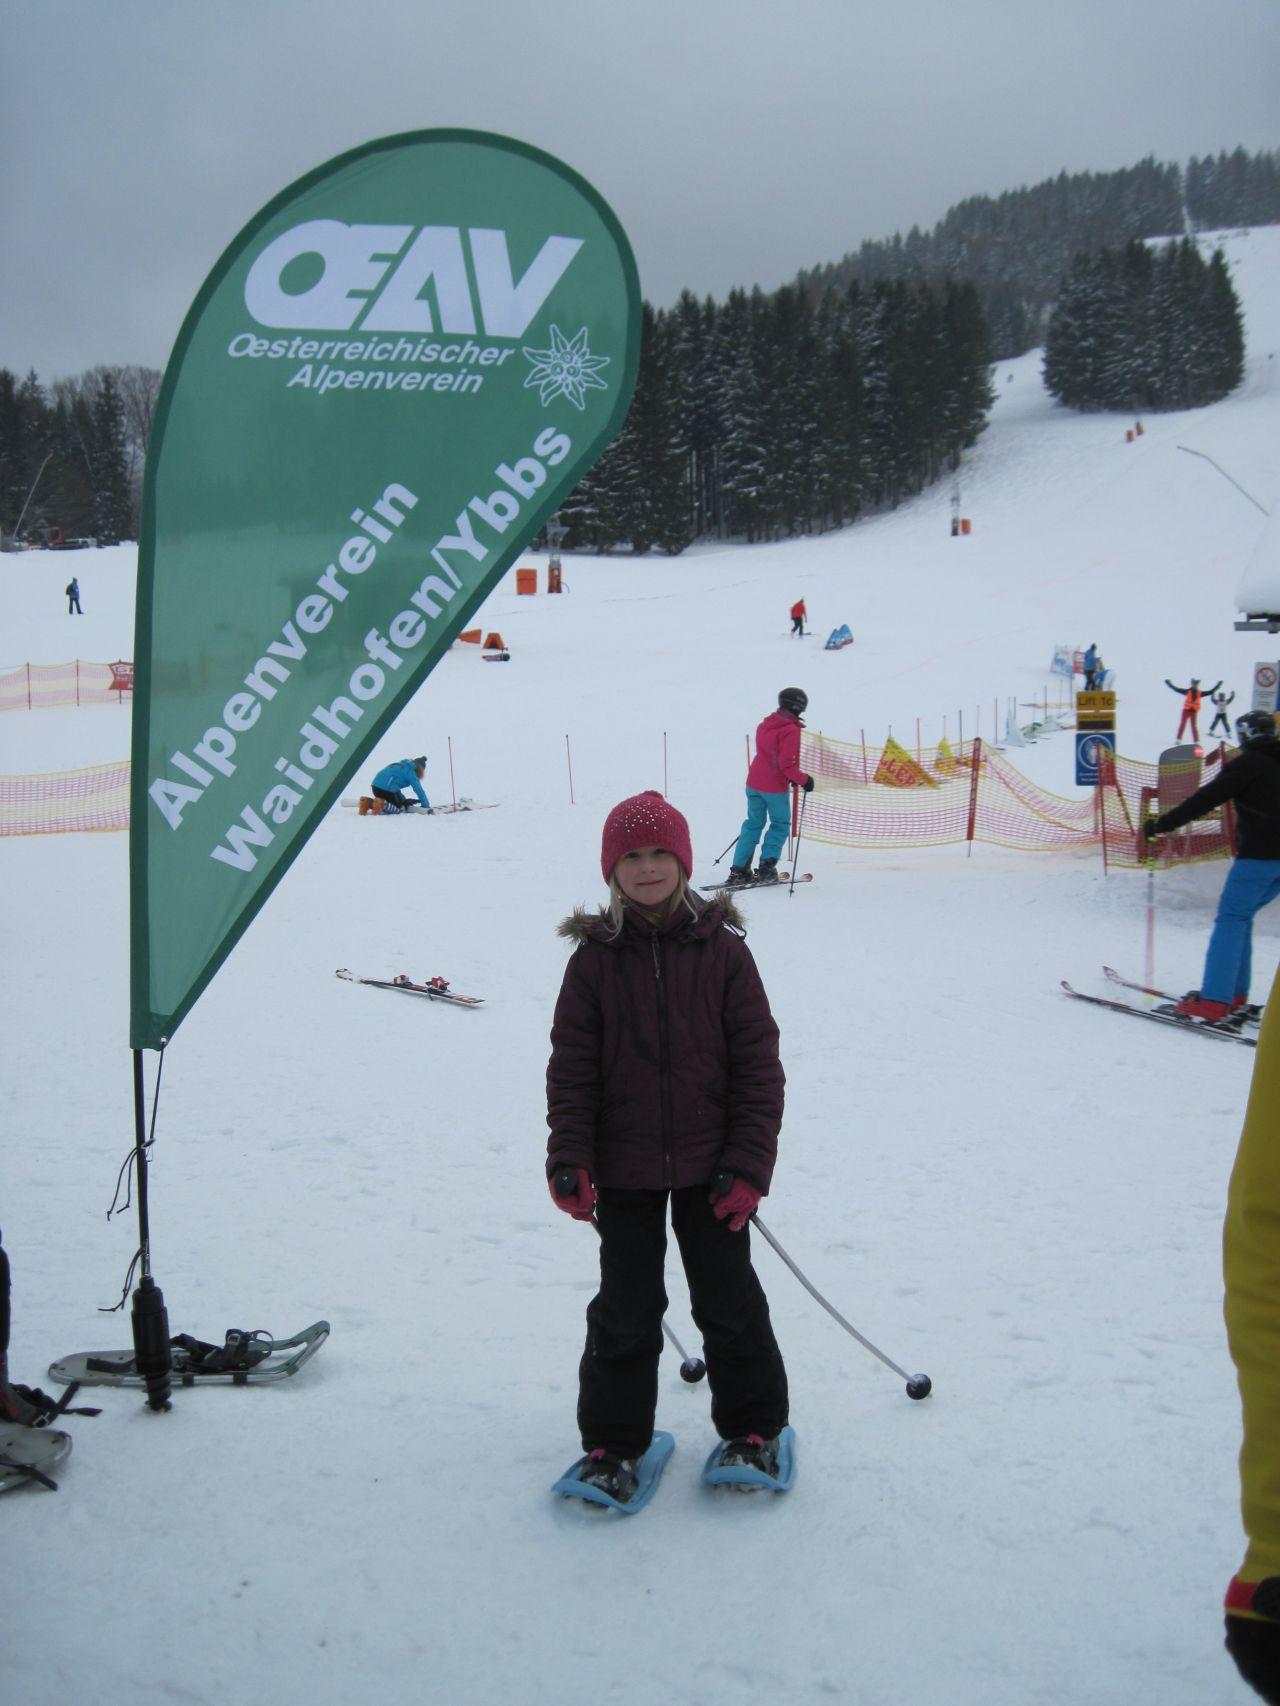 Waidhofner Wintersporttag Alpenverein